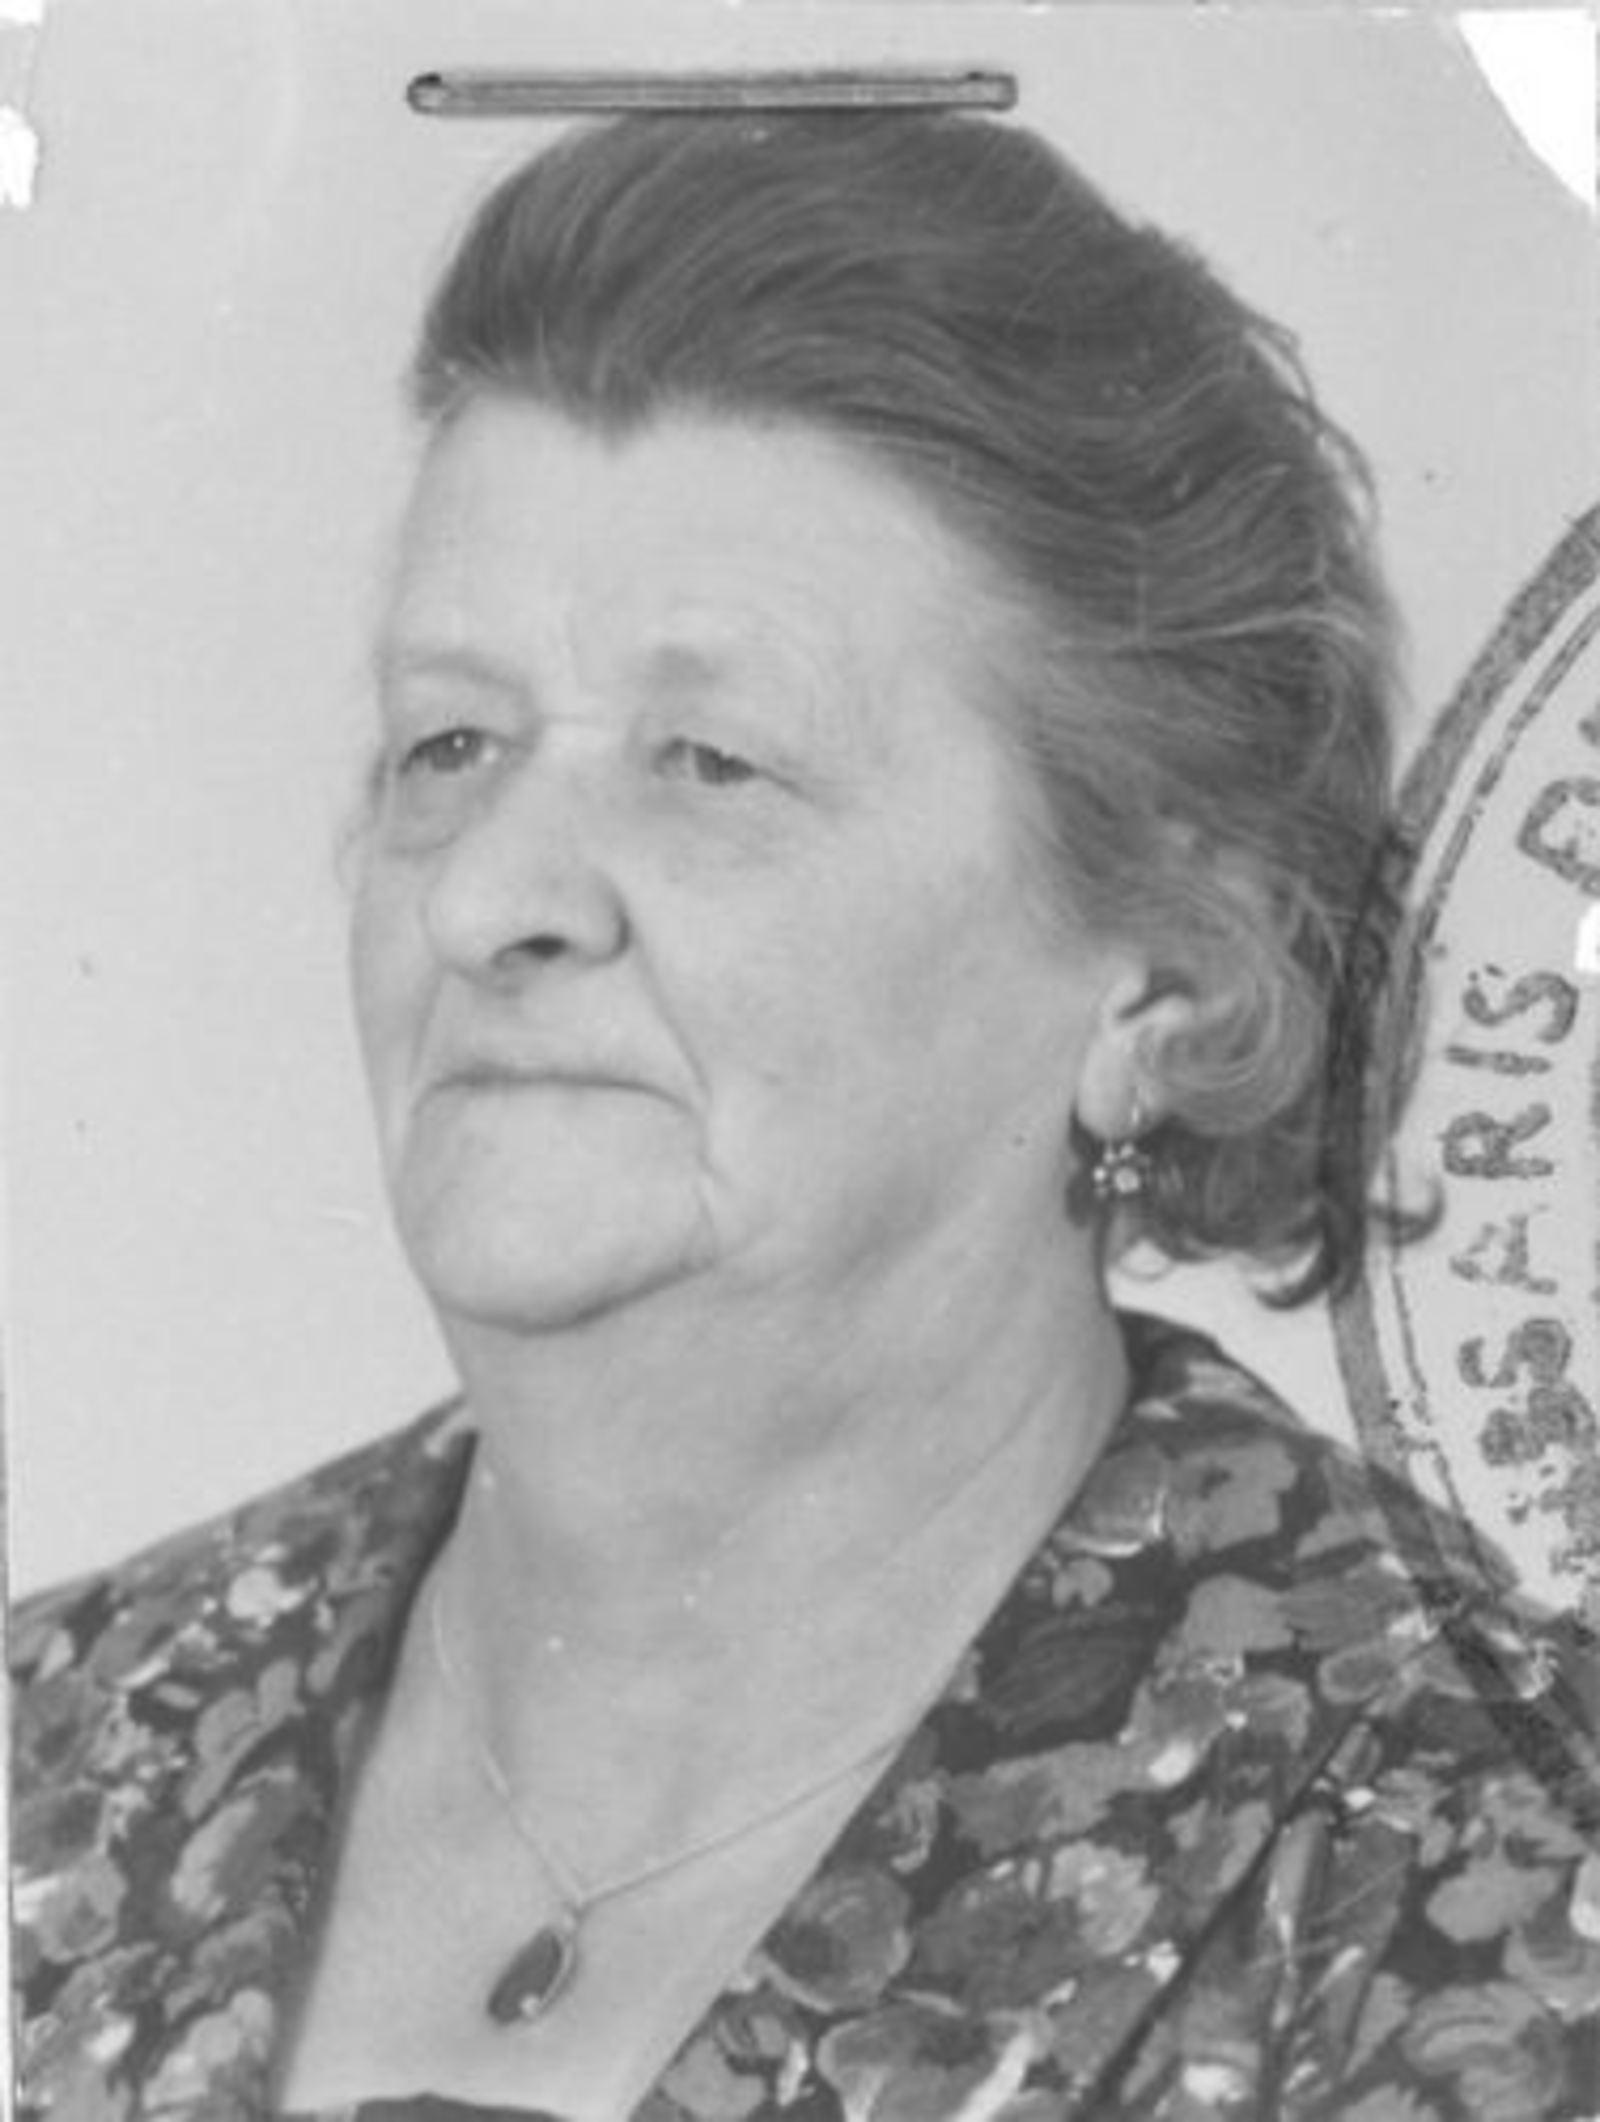 Zwager Nicolaas J 1890 1963 Pasfoto vrouw A M Zoetelief.jpg